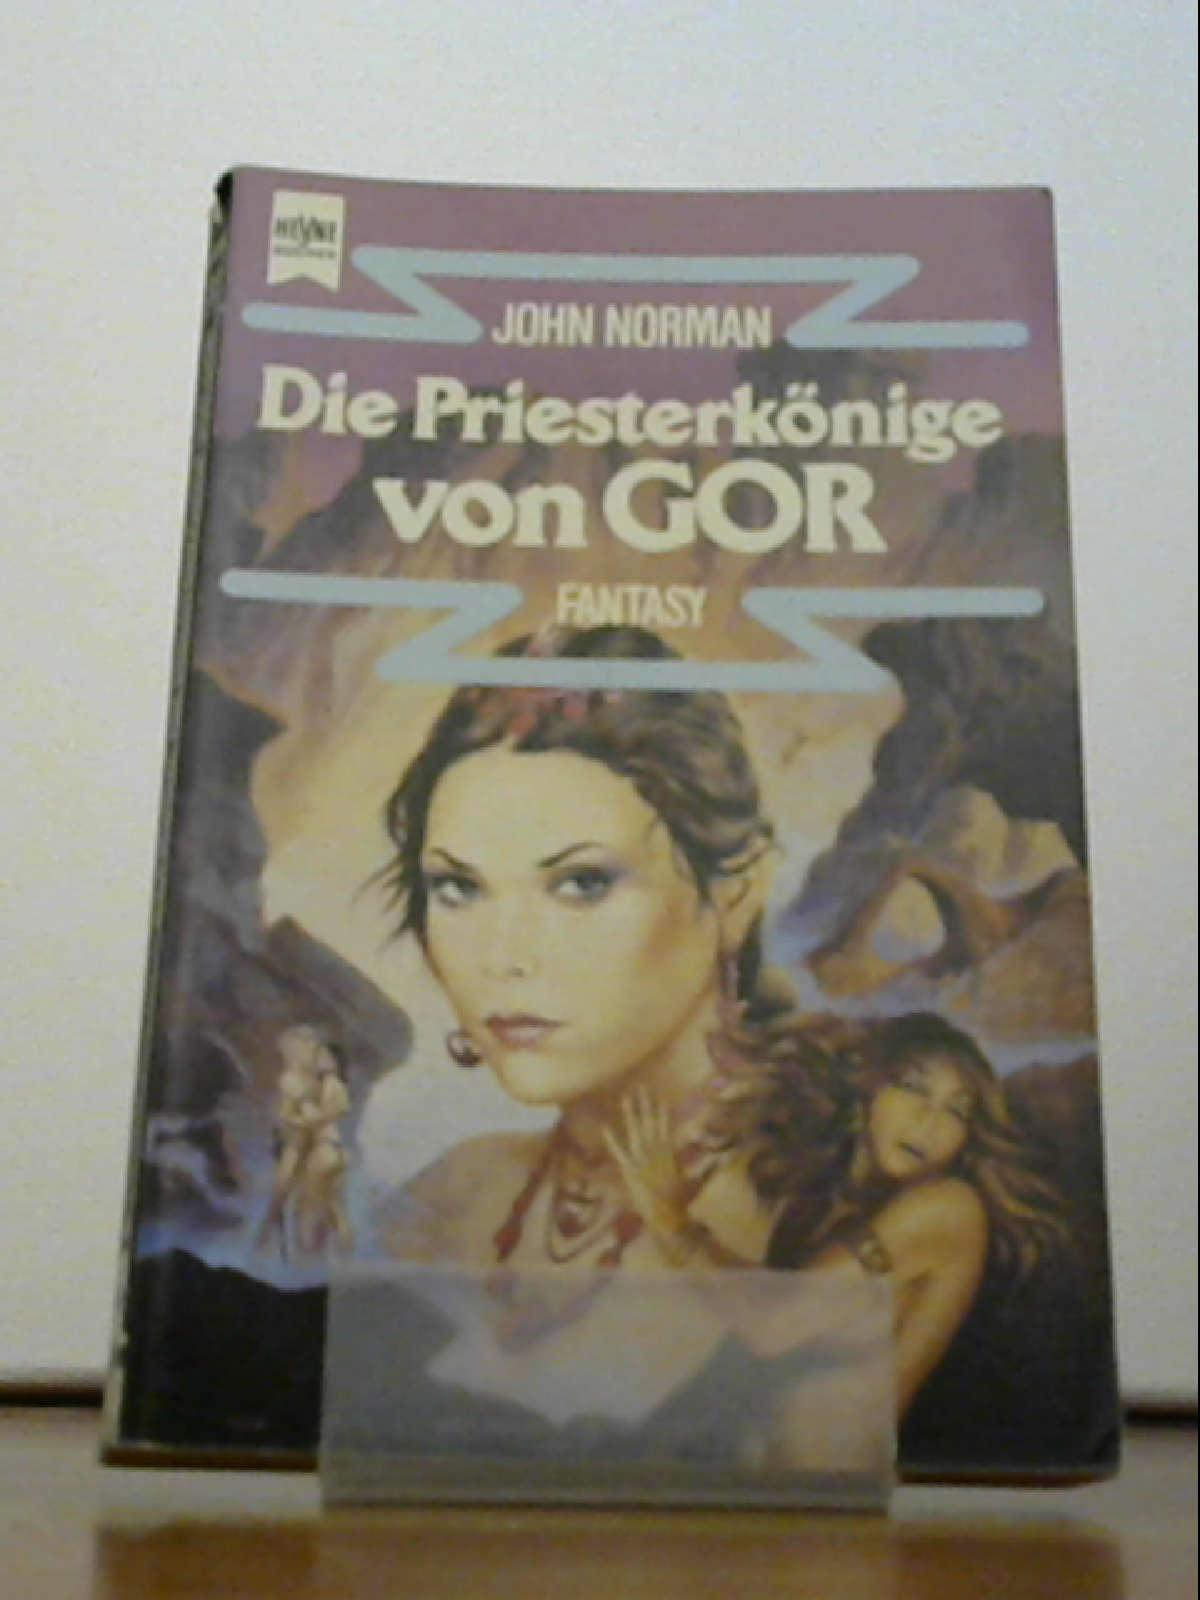 Die Priesterkönige von Gor. Ein Roman aus dem GOR- ZYKLUS. - John Norman